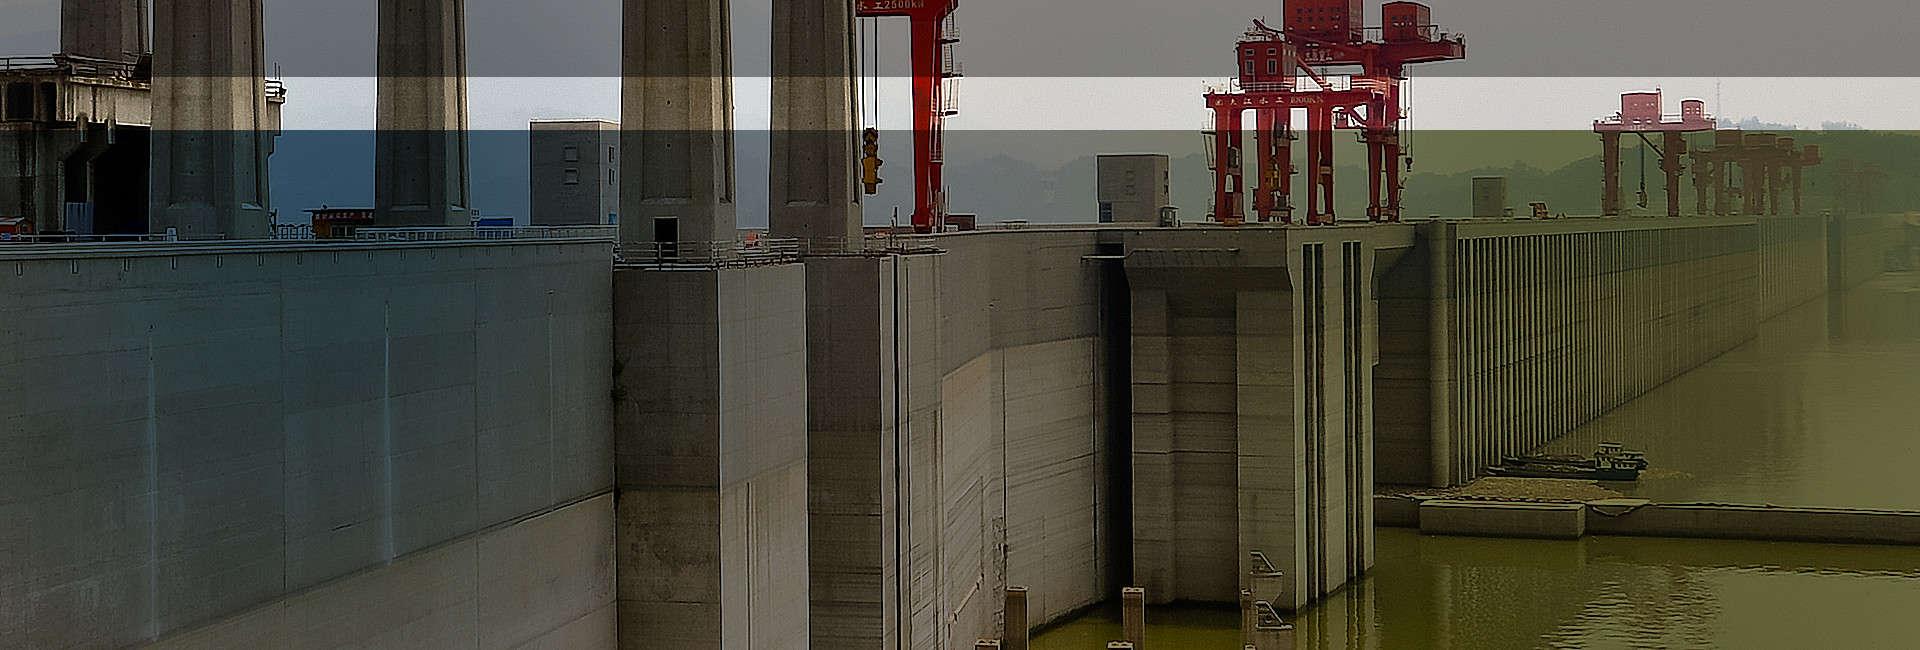 Construction Cloud Based Project Management